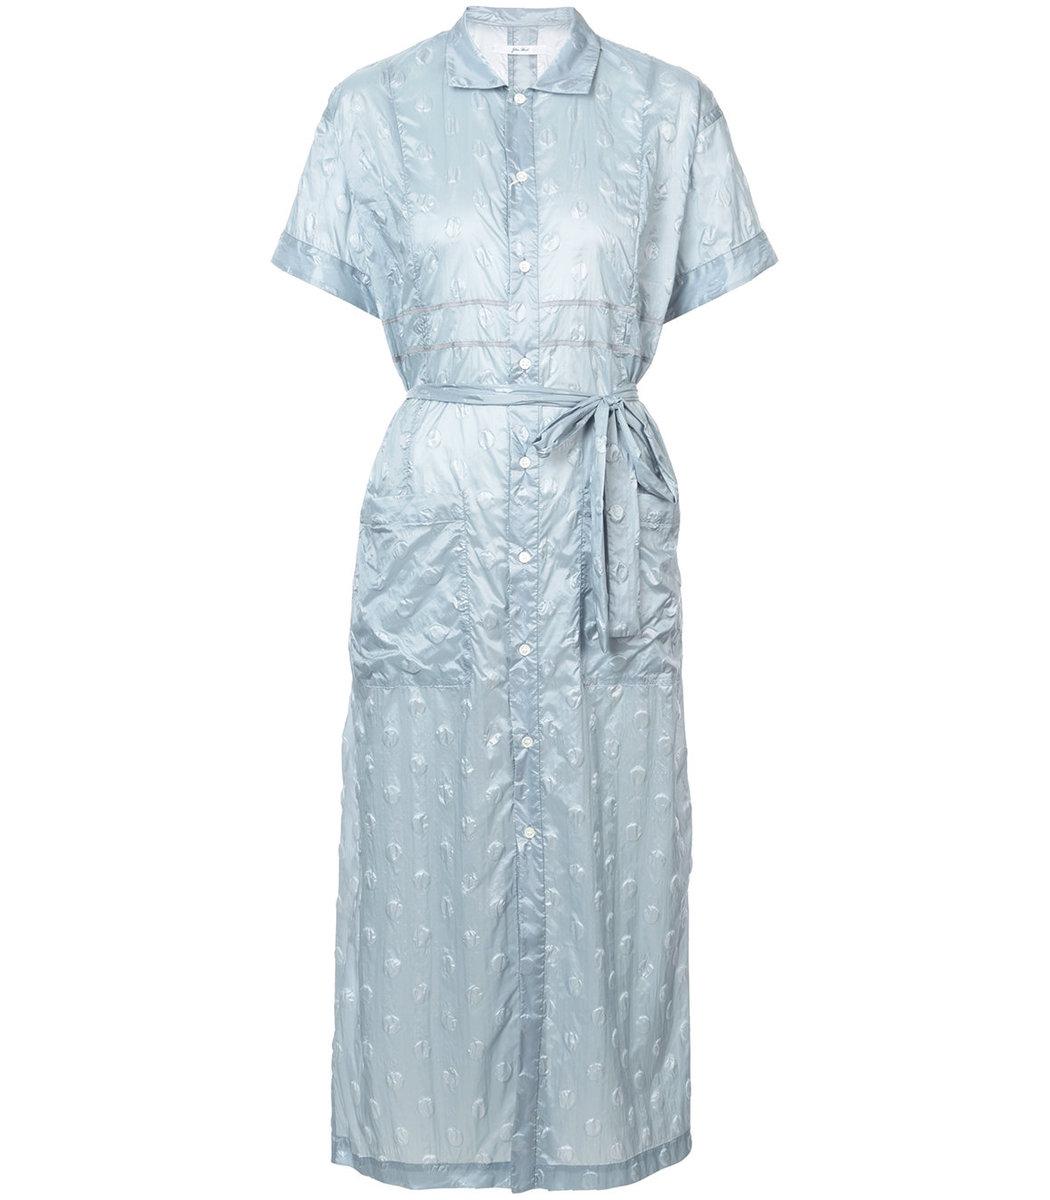 Julien David Blue Crinkled Polka Dot Shirt Dress